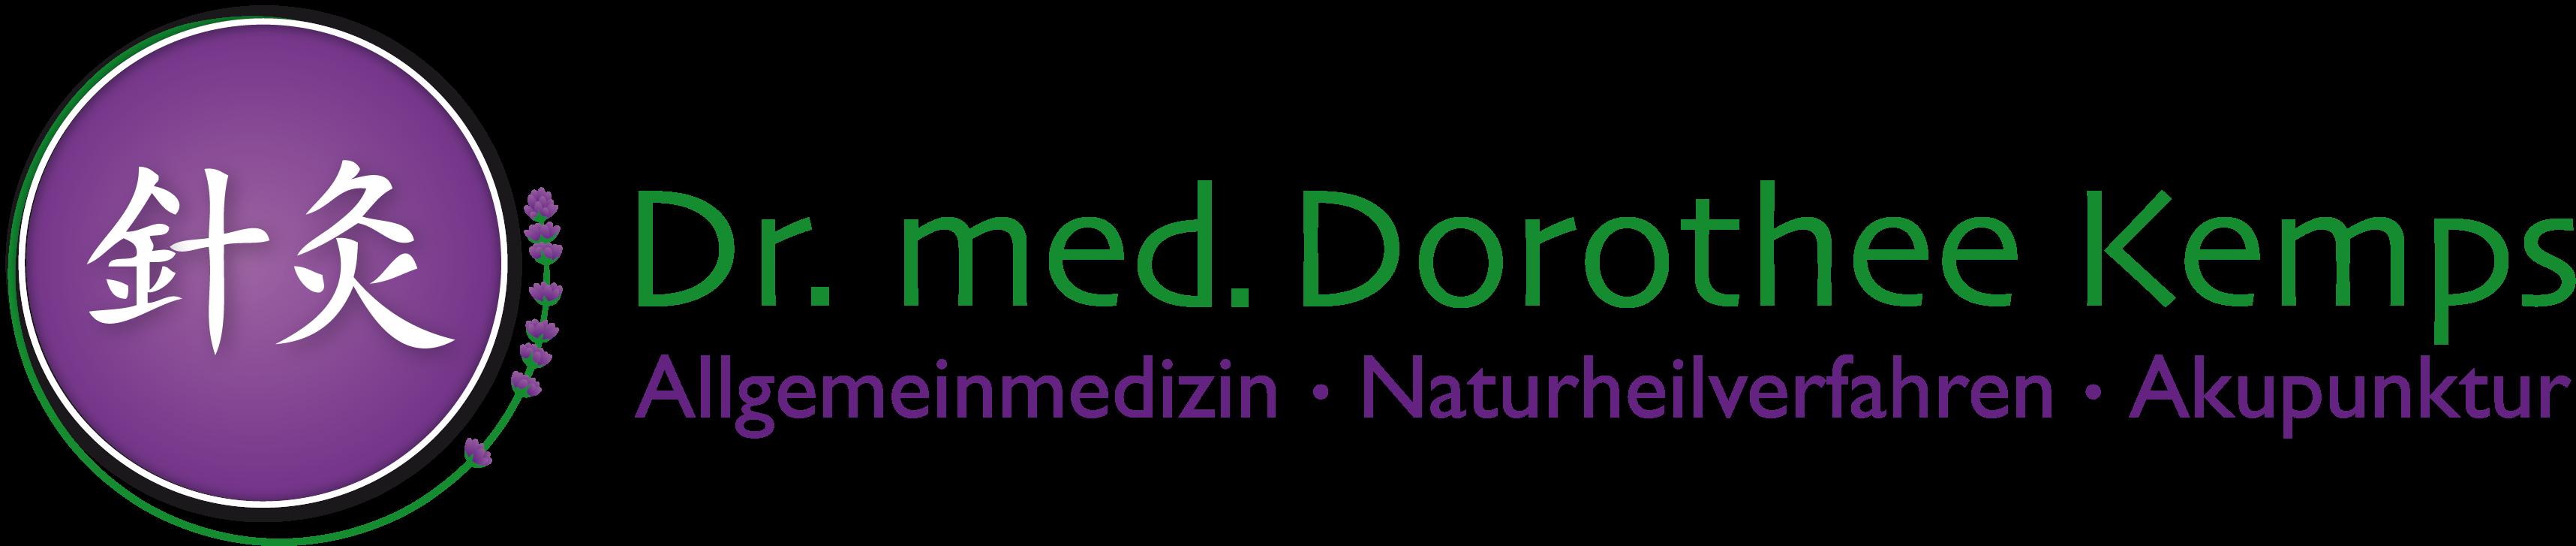 Dr. med. Dorothee Kemps